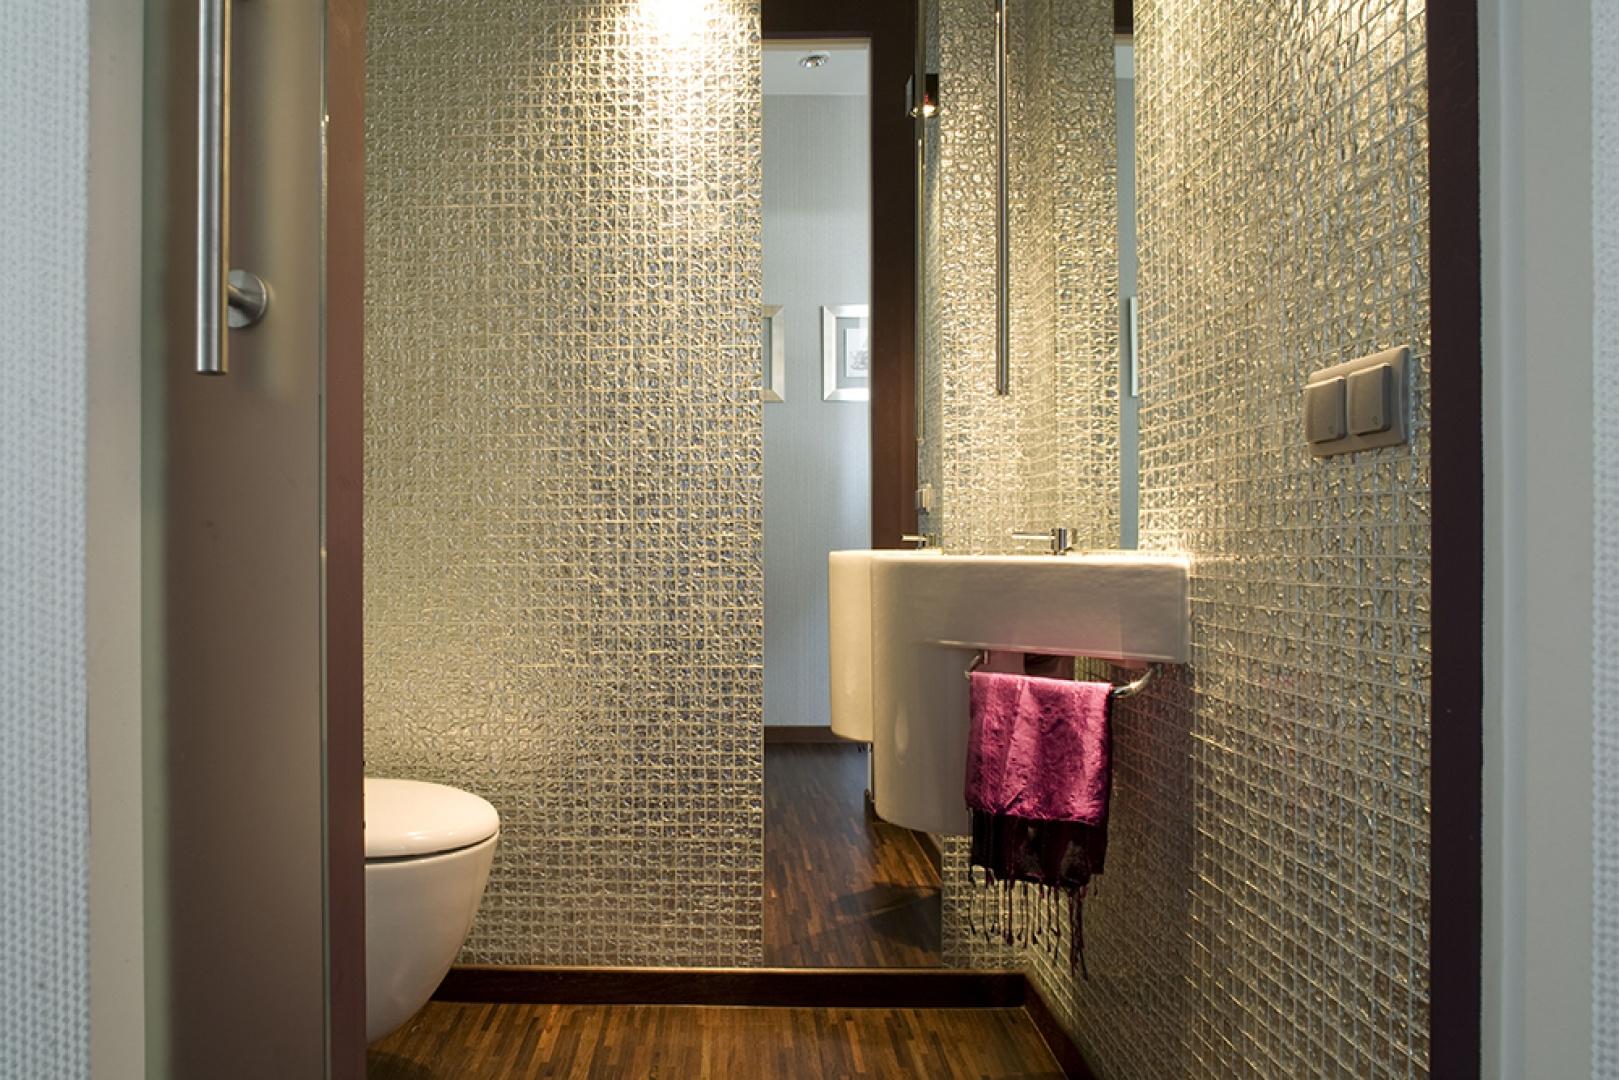 Ściany wykończono lśniącą, lustrzaną mozaiką. Powierzchnię ścian przecinają wąskie, wysokie lustra. Tak jak w pozostałych pomieszczeniach, na podłodze położono parkiet z drewna egzotycznego wenge. Fot. Marcin Onufryjuk.